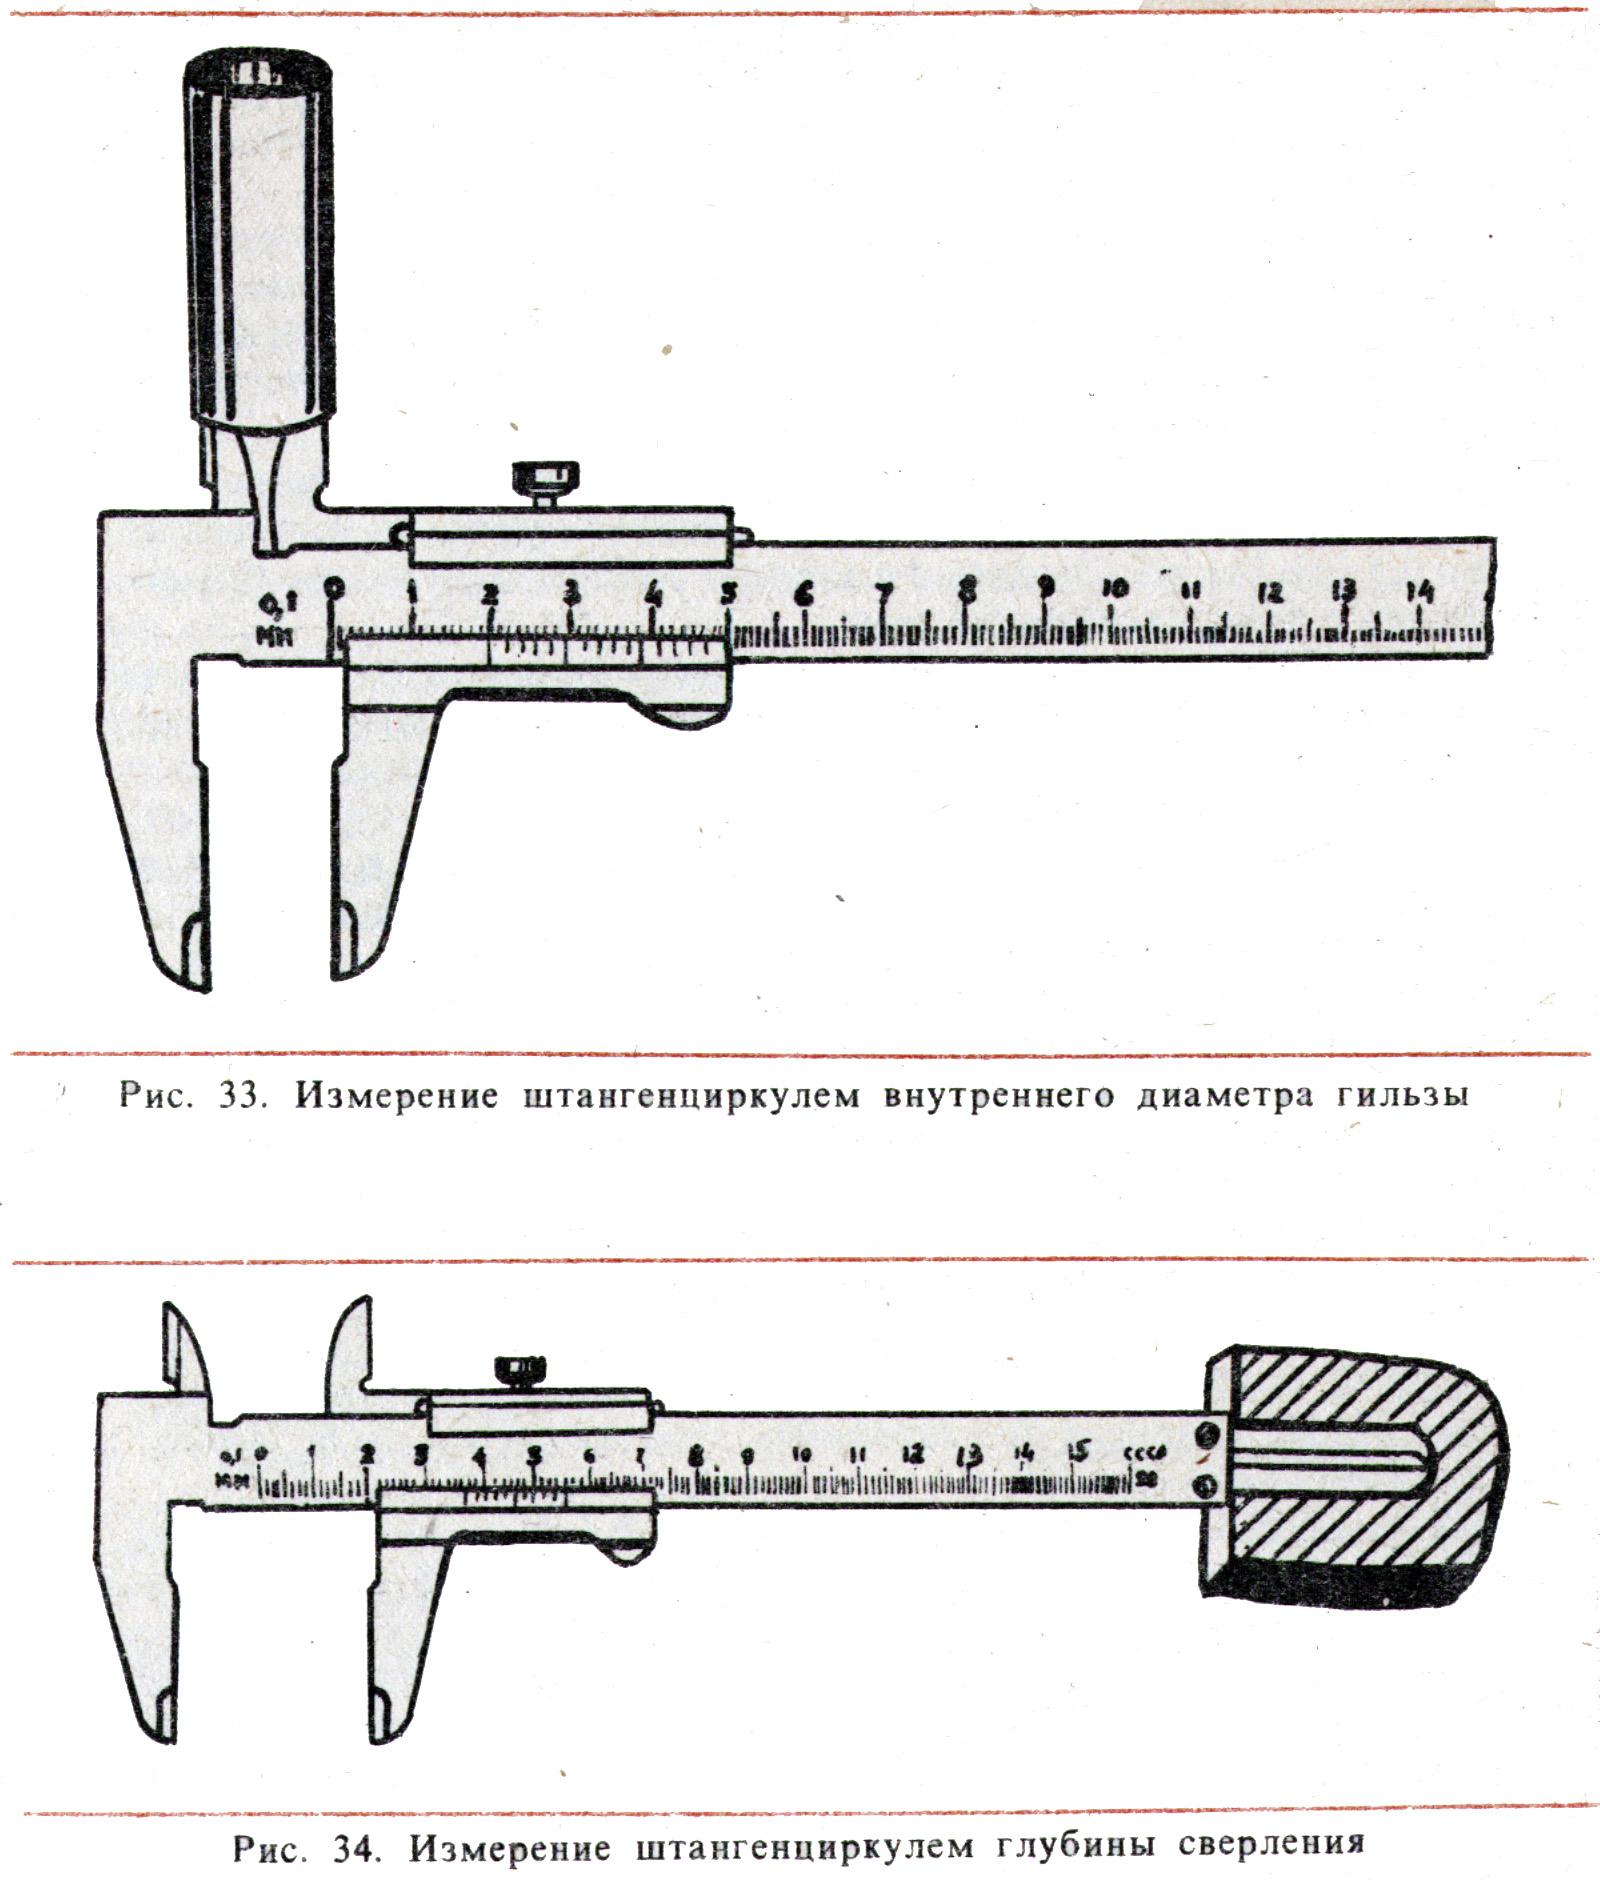 Как правильно пользоваться штангенциркулем: снятие показаний, приемы работы